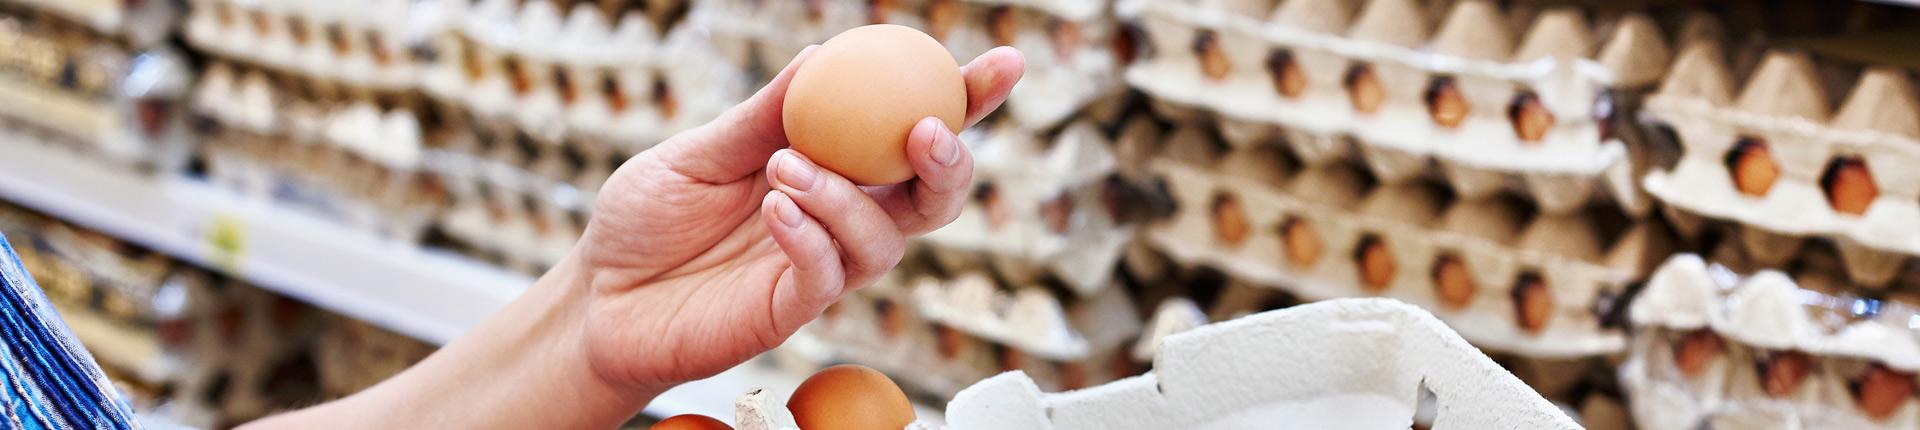 Dlaczego brakuje jaj w sklepach?